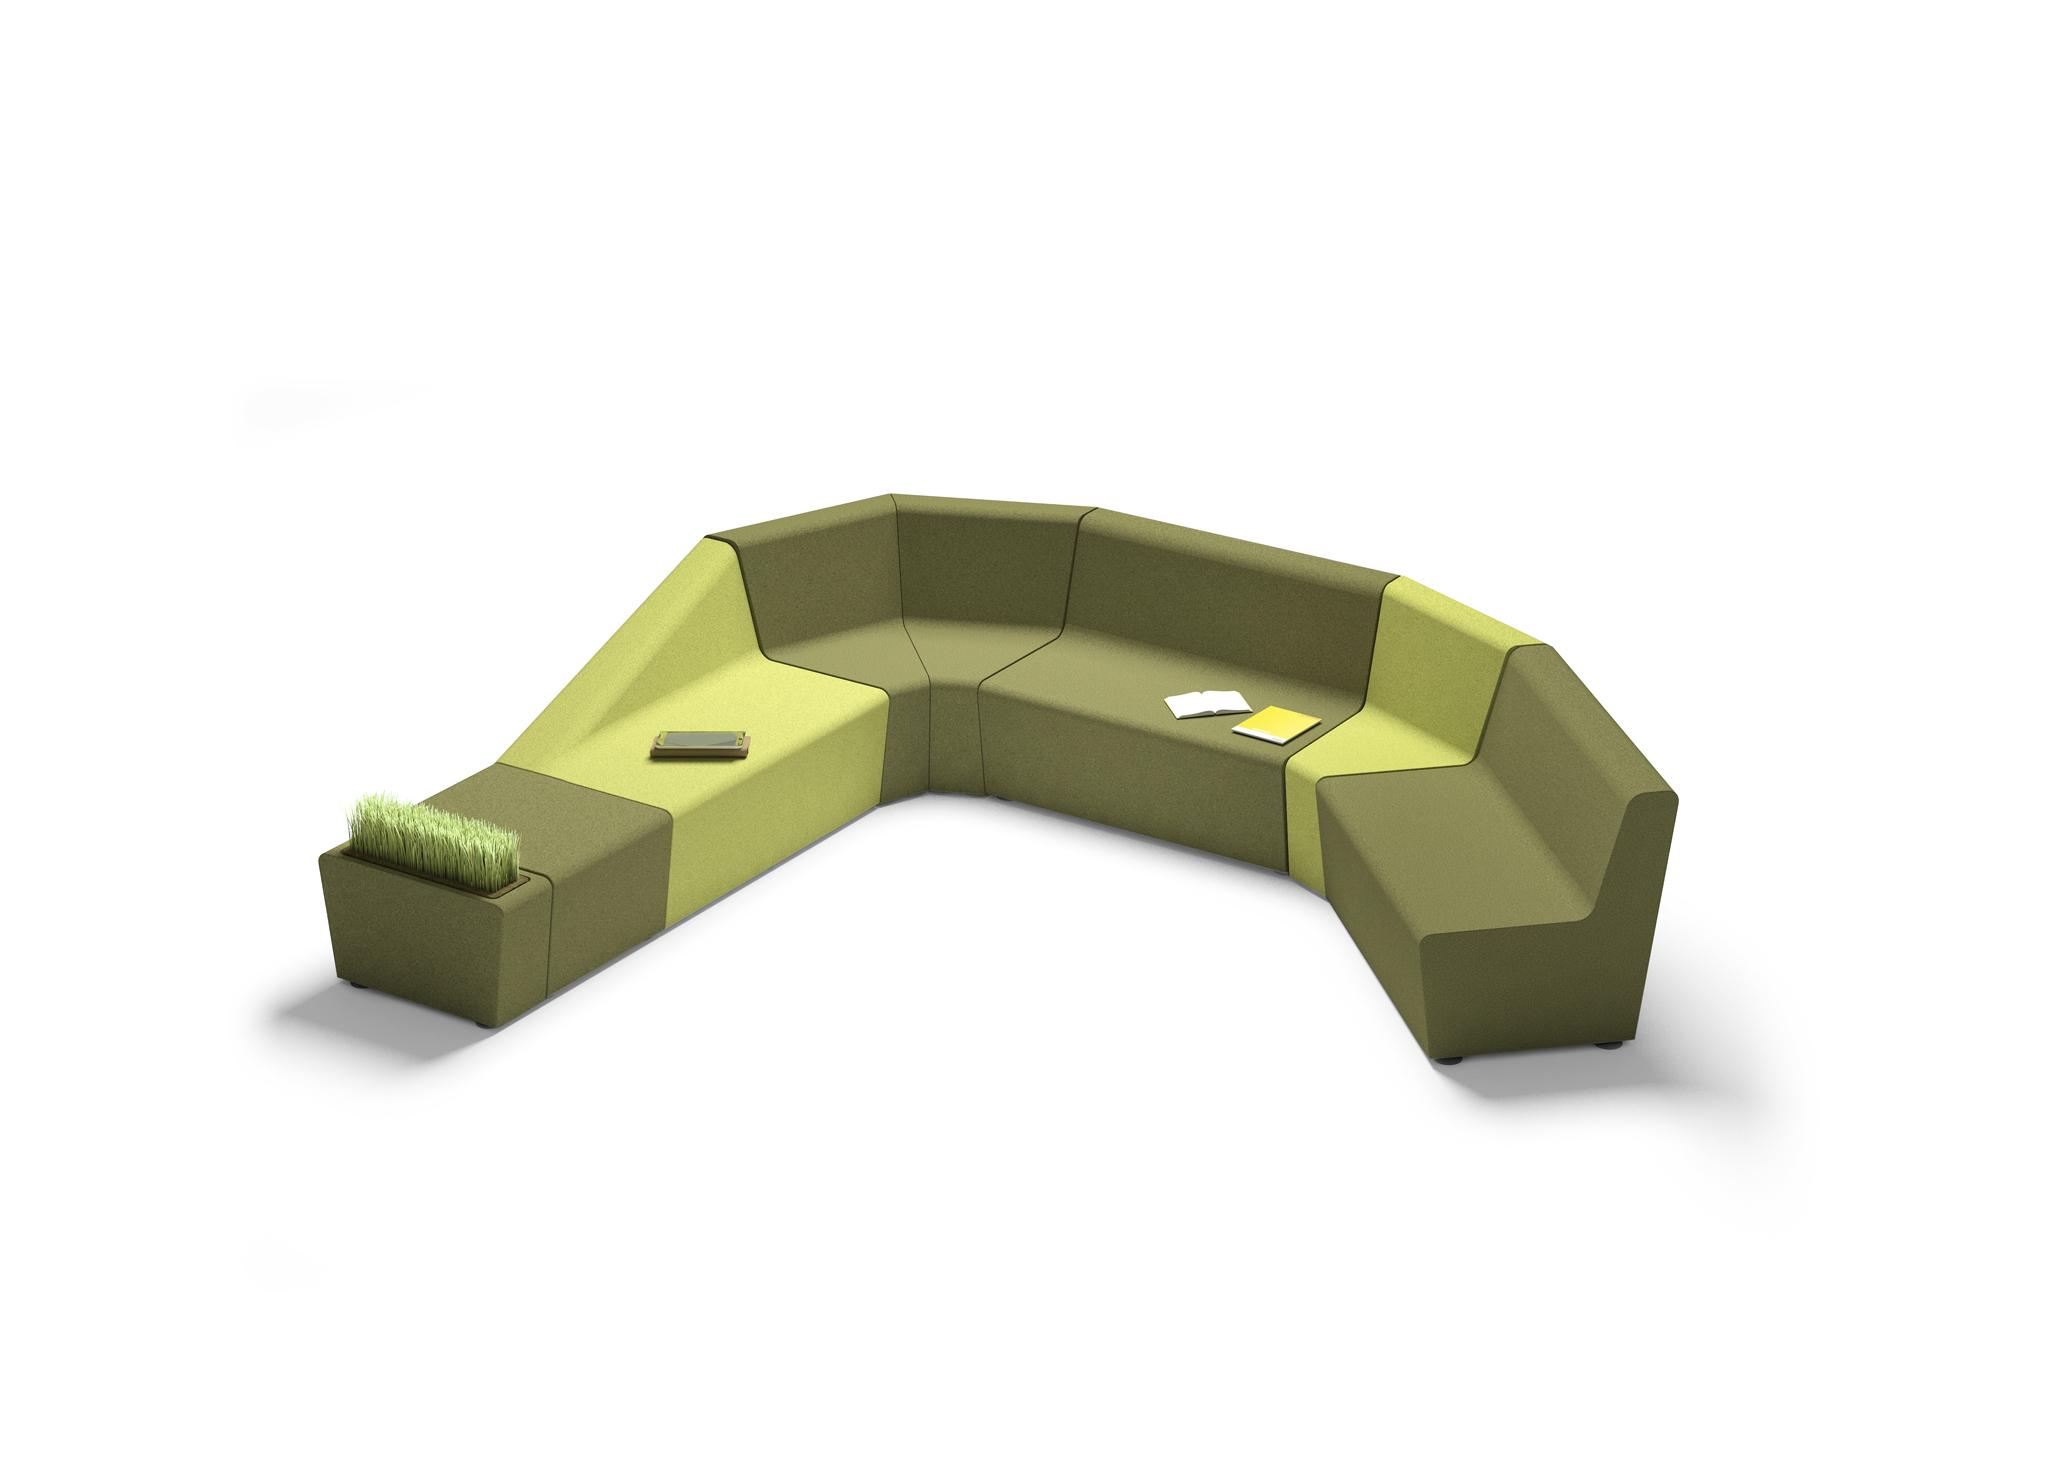 Chauffeuse confortable 2 places avec dossier inclin - Chauffeuse confortable ...